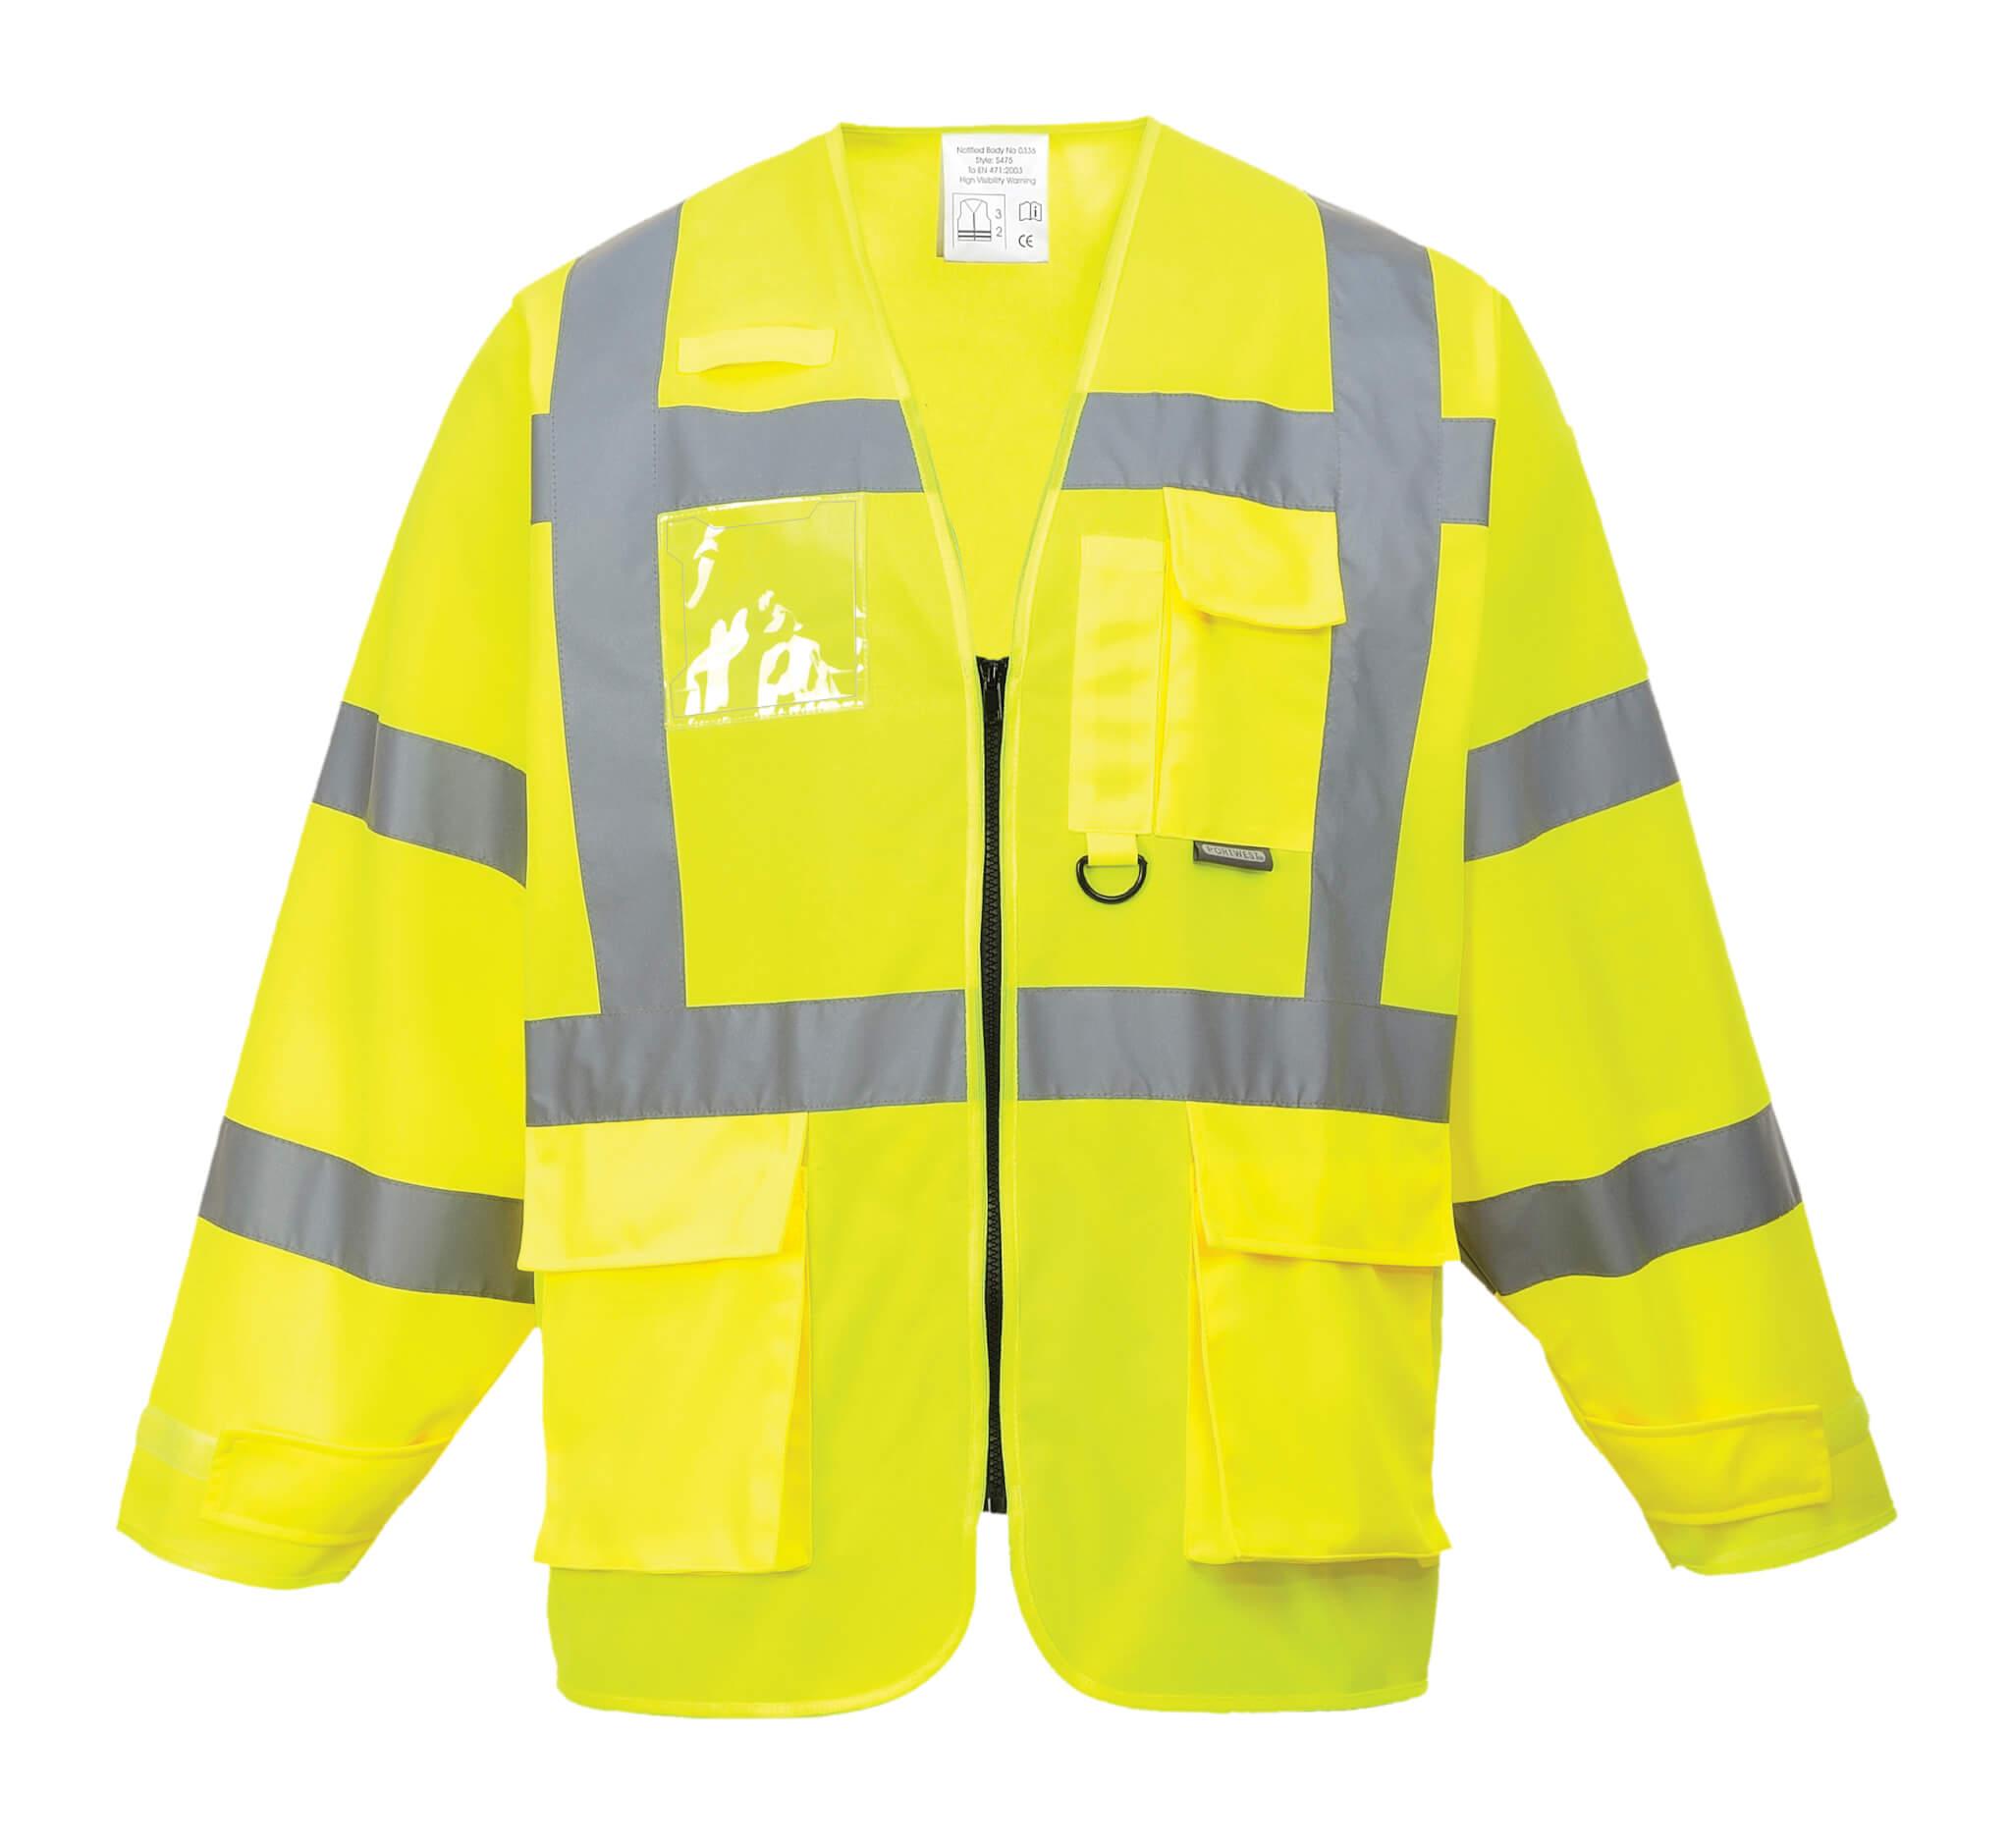 Főoldal Munkaruha Jólláthatósági ruházat Láthatósági mellény PORTWEST Jól  láthatósági fluo sárga vezetői dzseki.    b041e0af7e